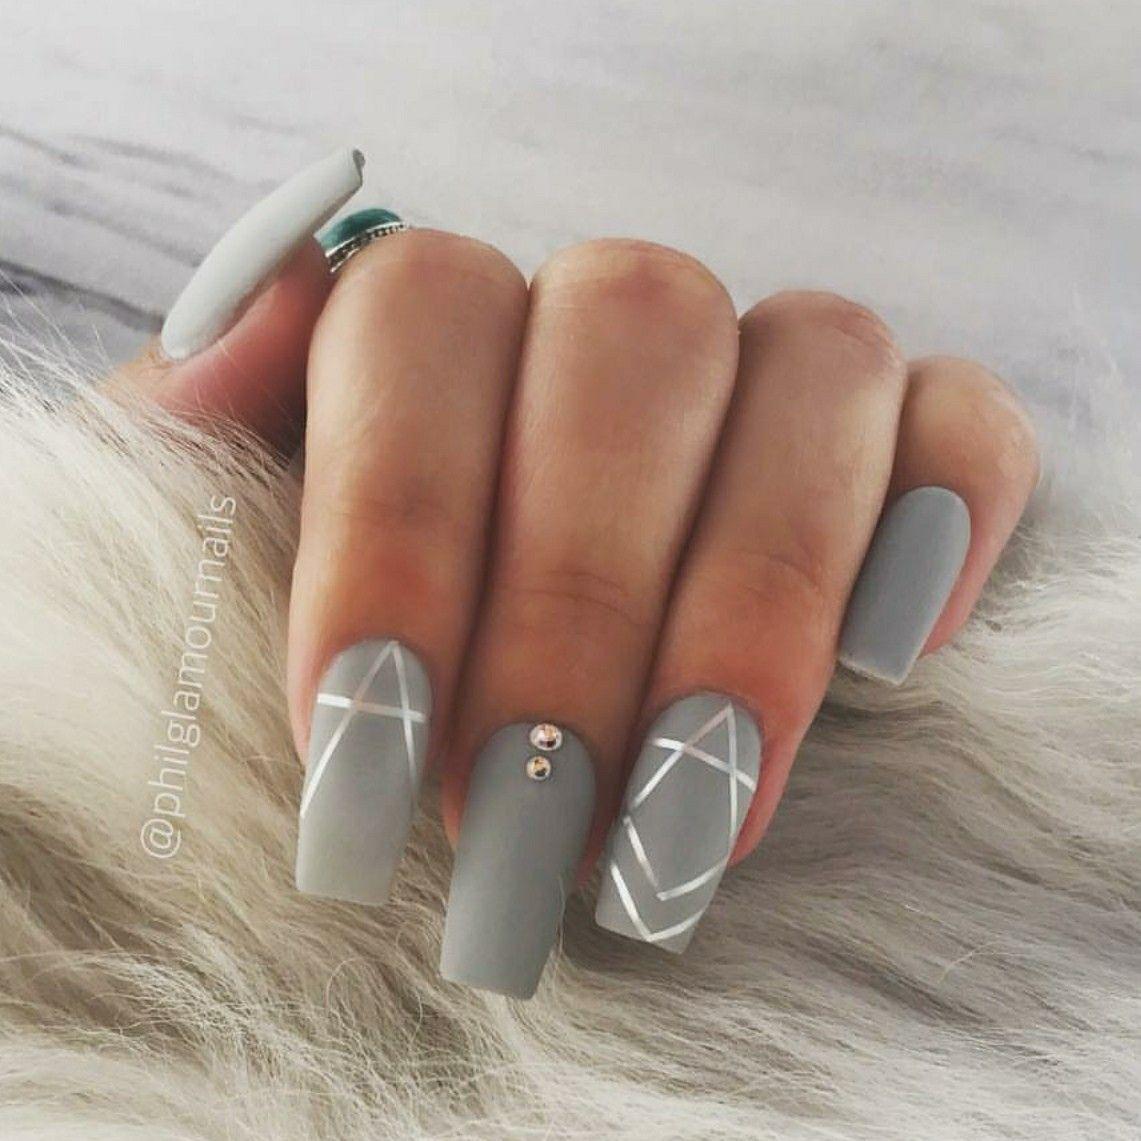 Matte Nails. Gray Nails Gray and Silver Nails. Acrylic ...